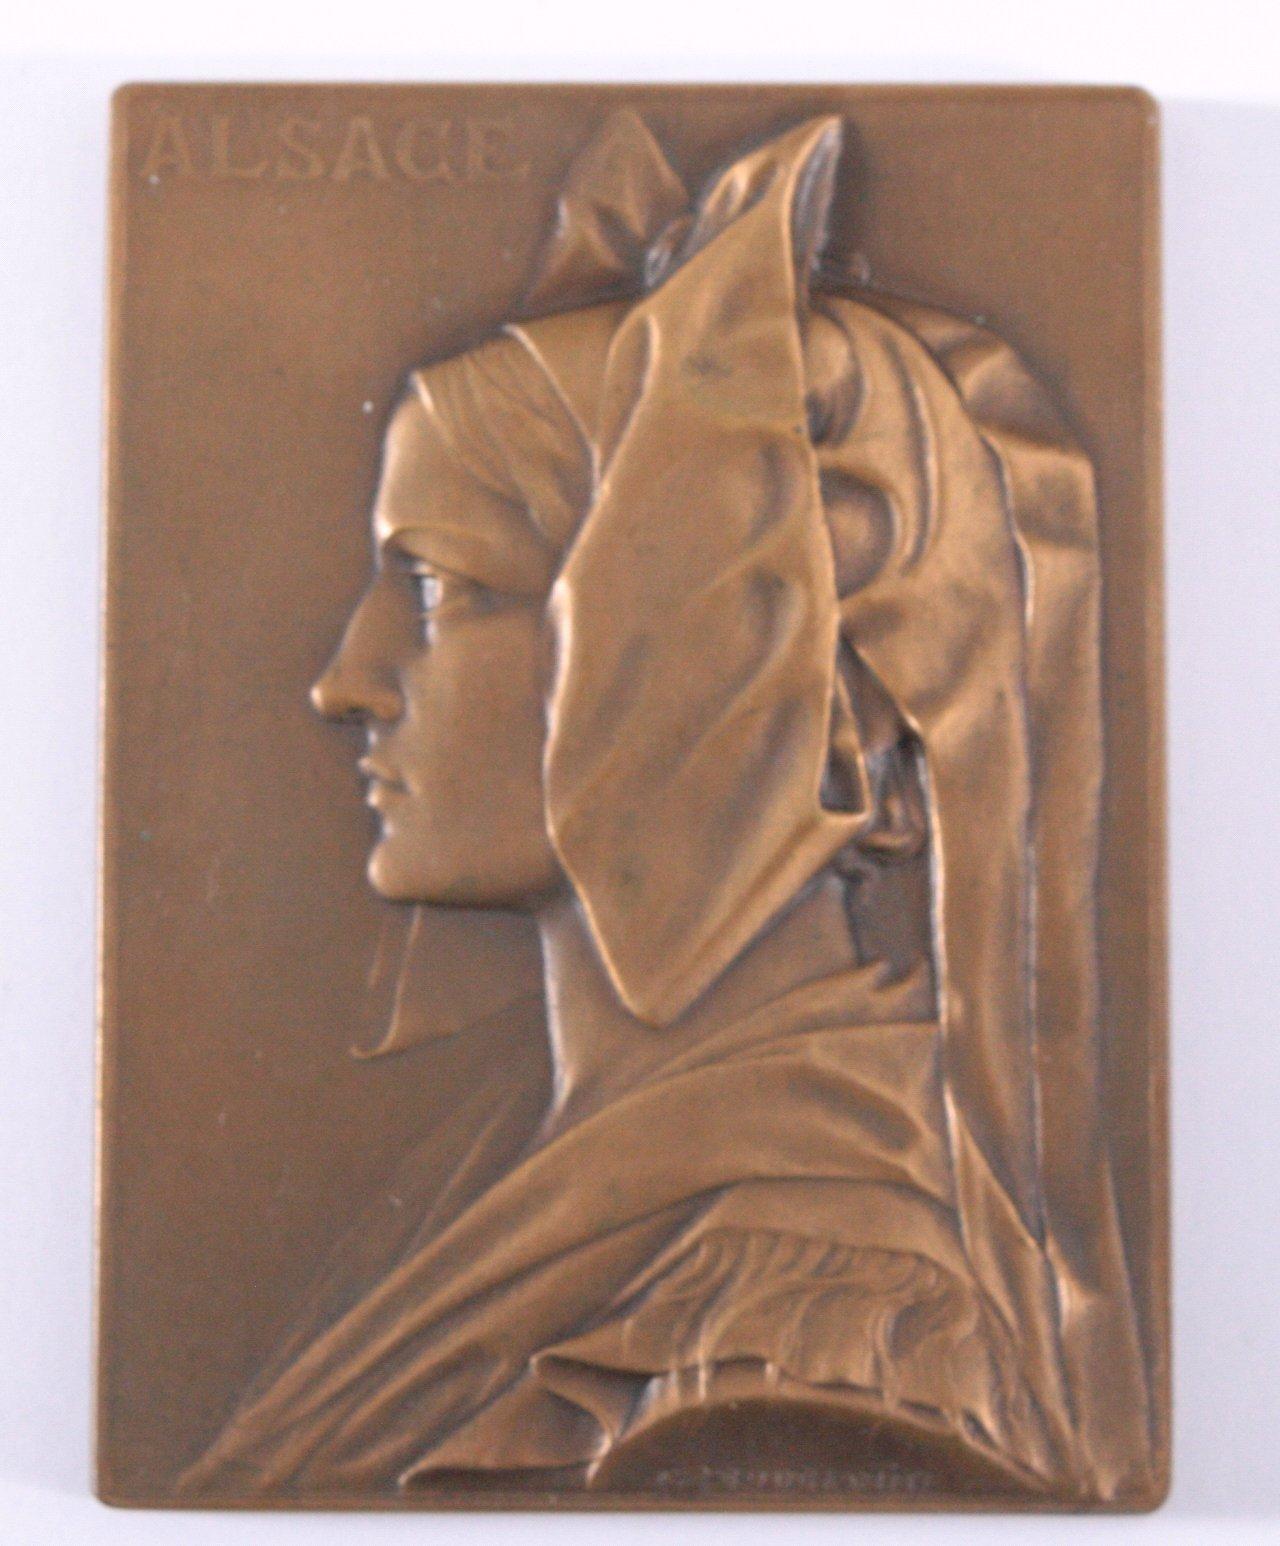 Plakette, Alsace und Straßbourg, Prudhomme 1919